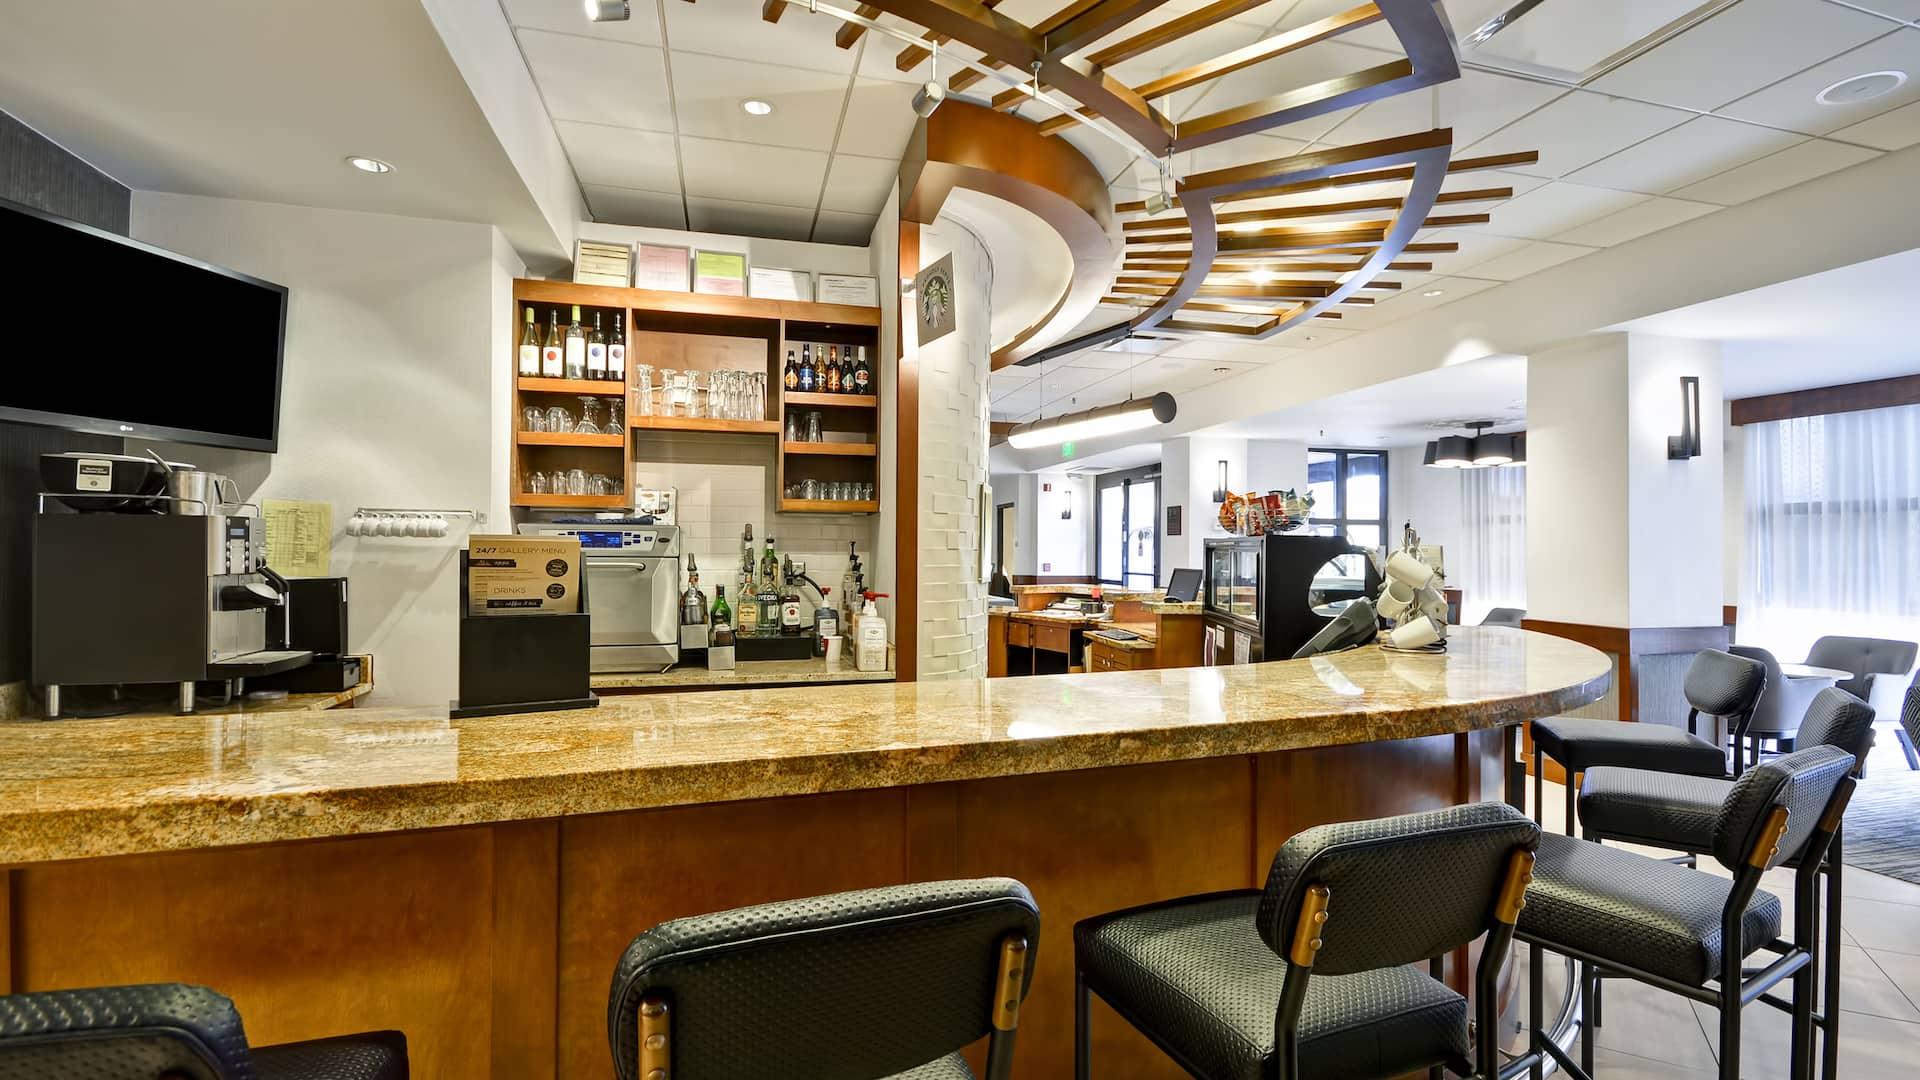 Hyatt Place Kansas City / Overland Park / Metcalf Coffee & Cocktails Bar